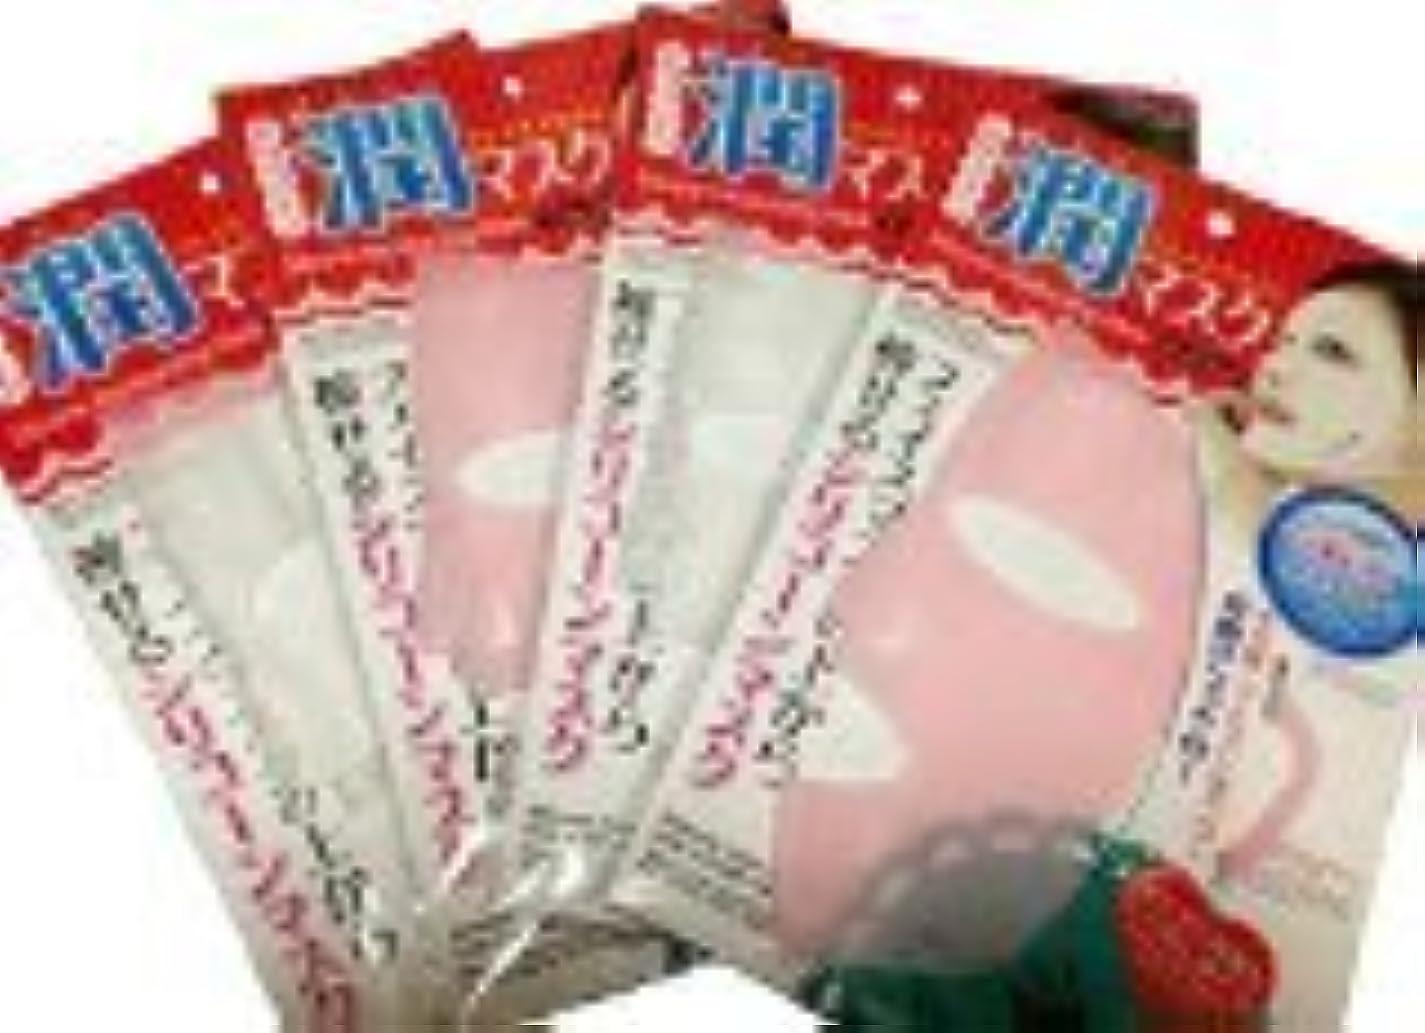 専門化する来て明らかにダイソー シリコン 潤マスク フェイスマスク 4枚セット